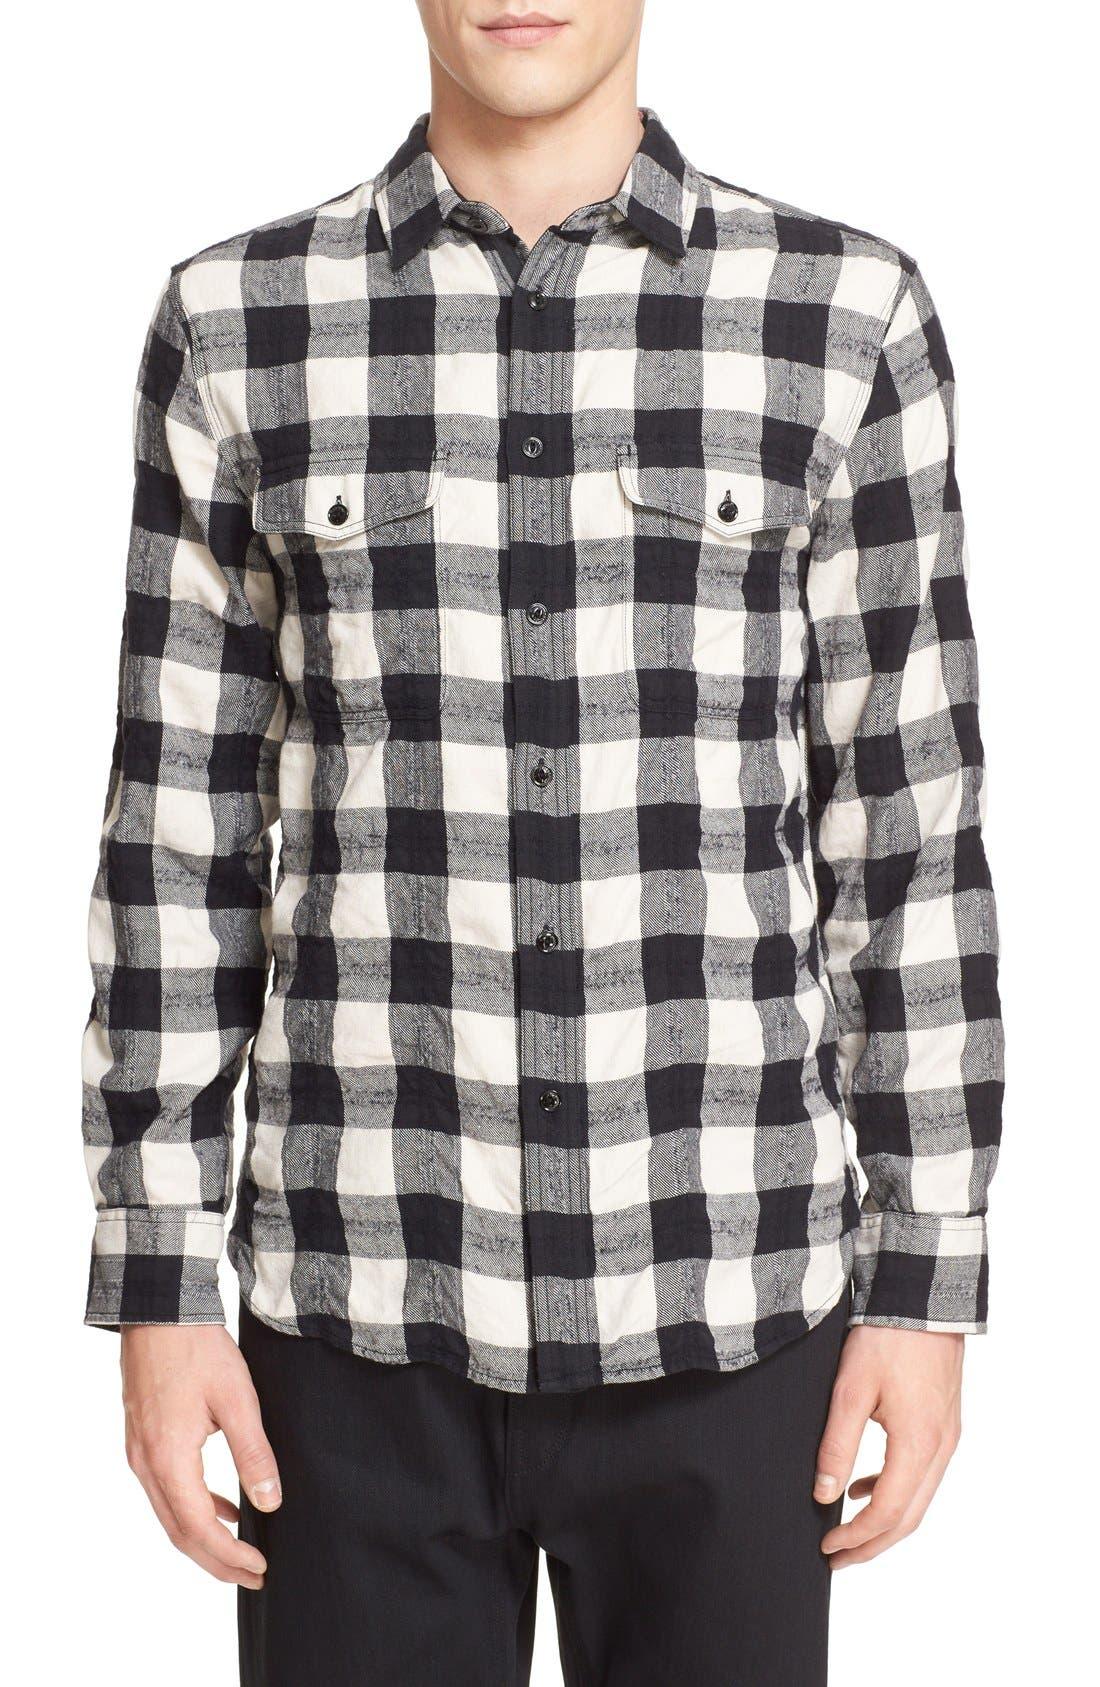 RAG & BONE 'Jack' Plaid Check Shirt